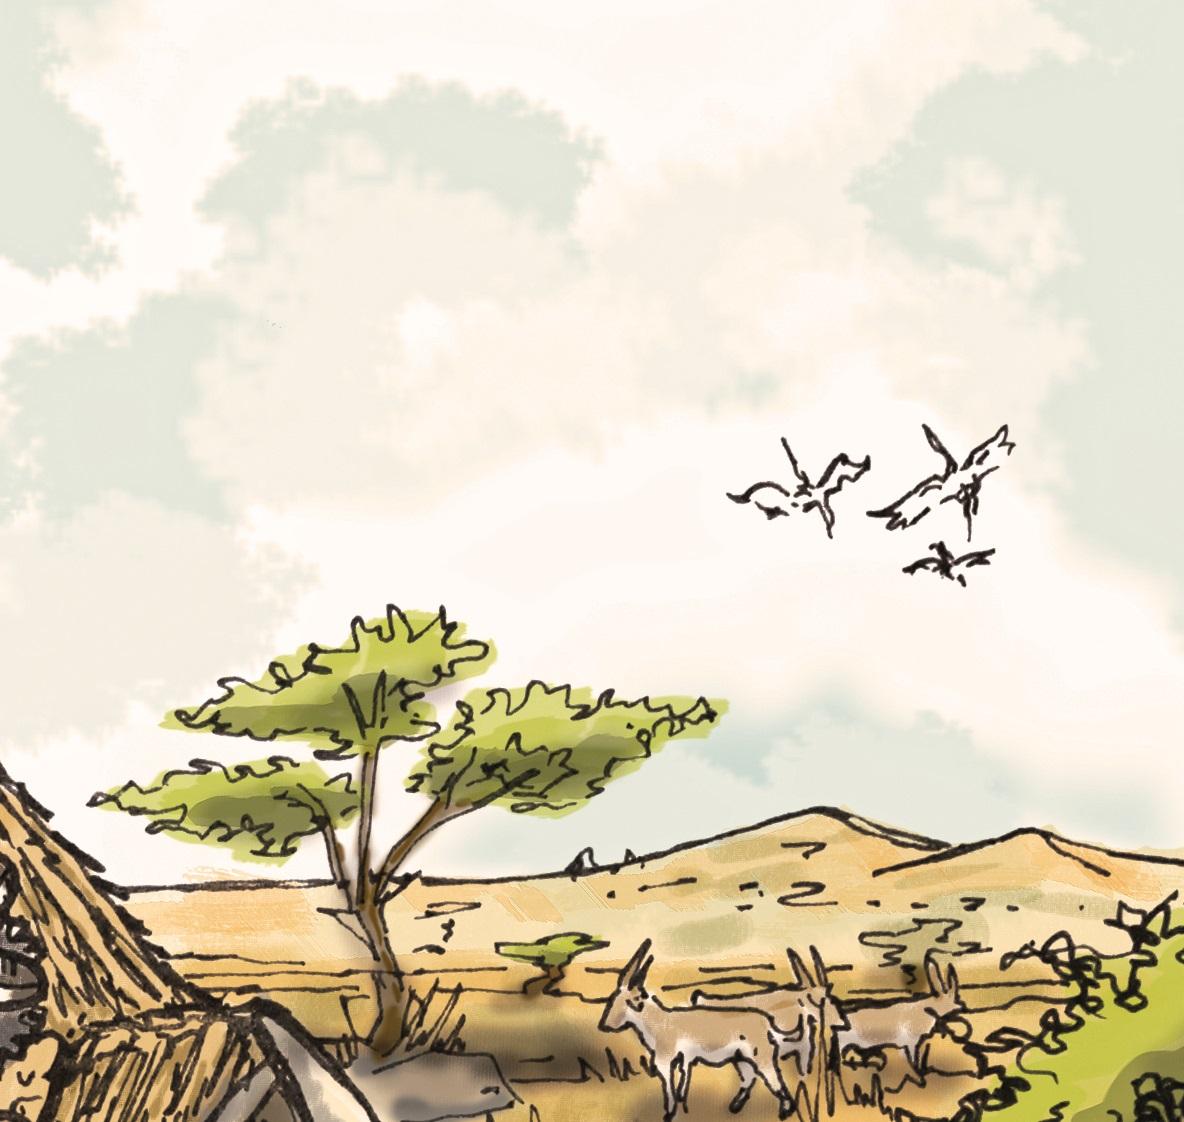 ACTIVIDADES DE GEOGRAFÍA FÍSICA SOBRE ÁFRICA: RELIEVE, PAISAJE Y CLIMA